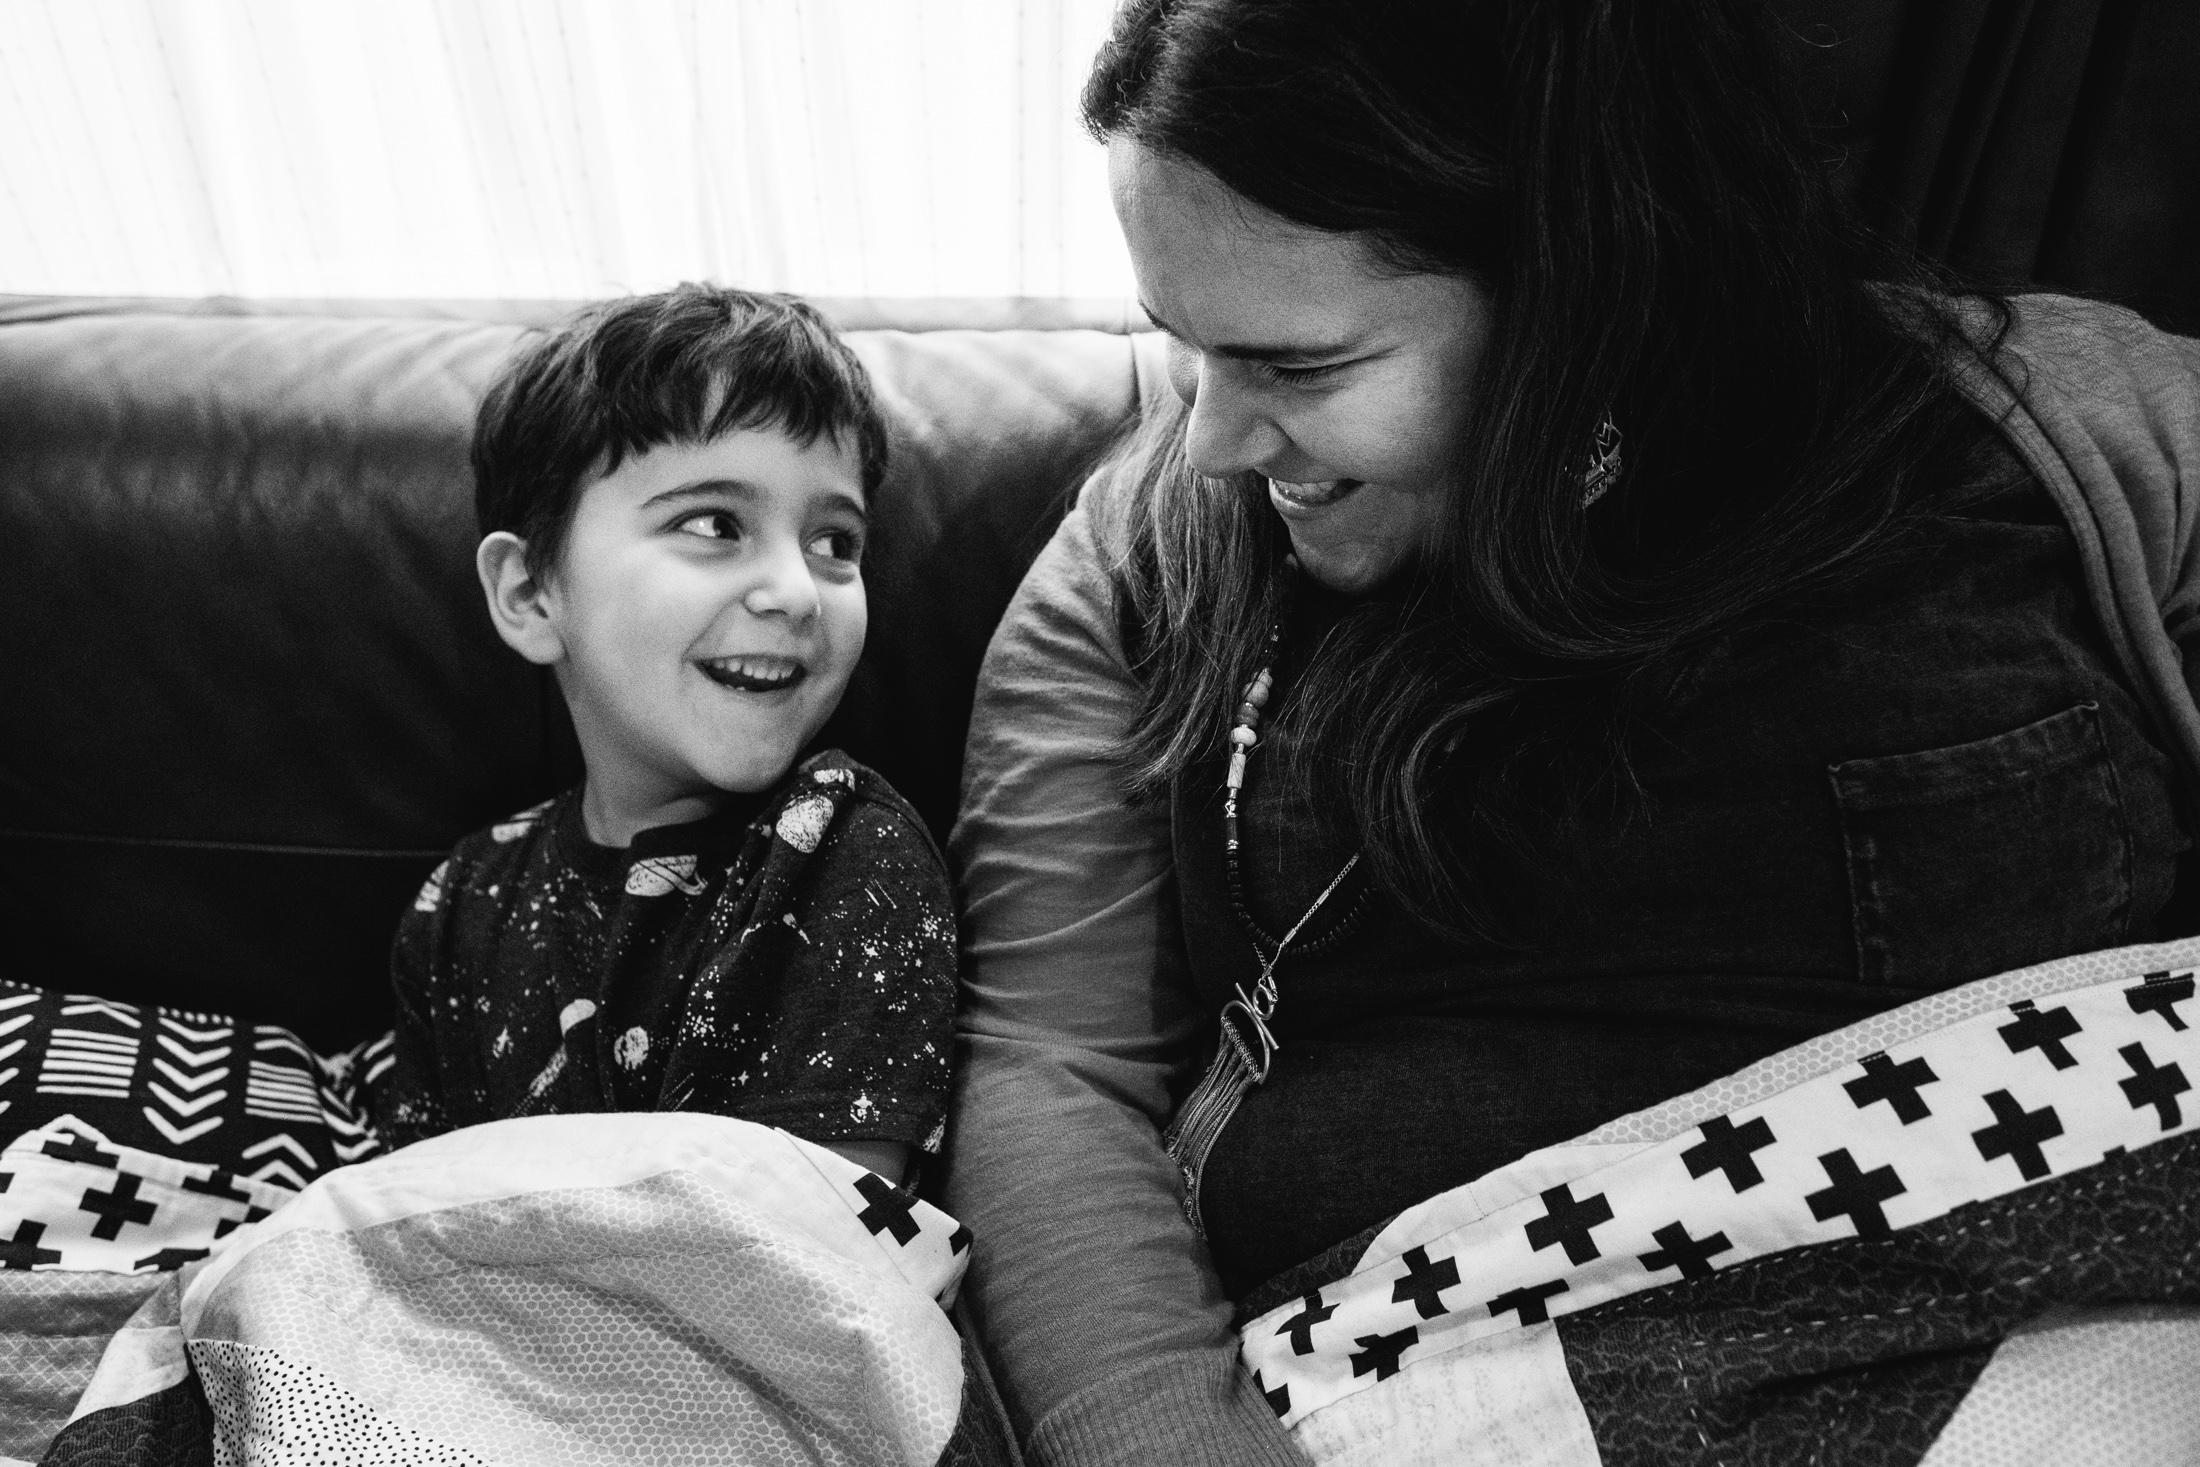 Son adoring mom. Berkley Metro Detroit Family Photographer.